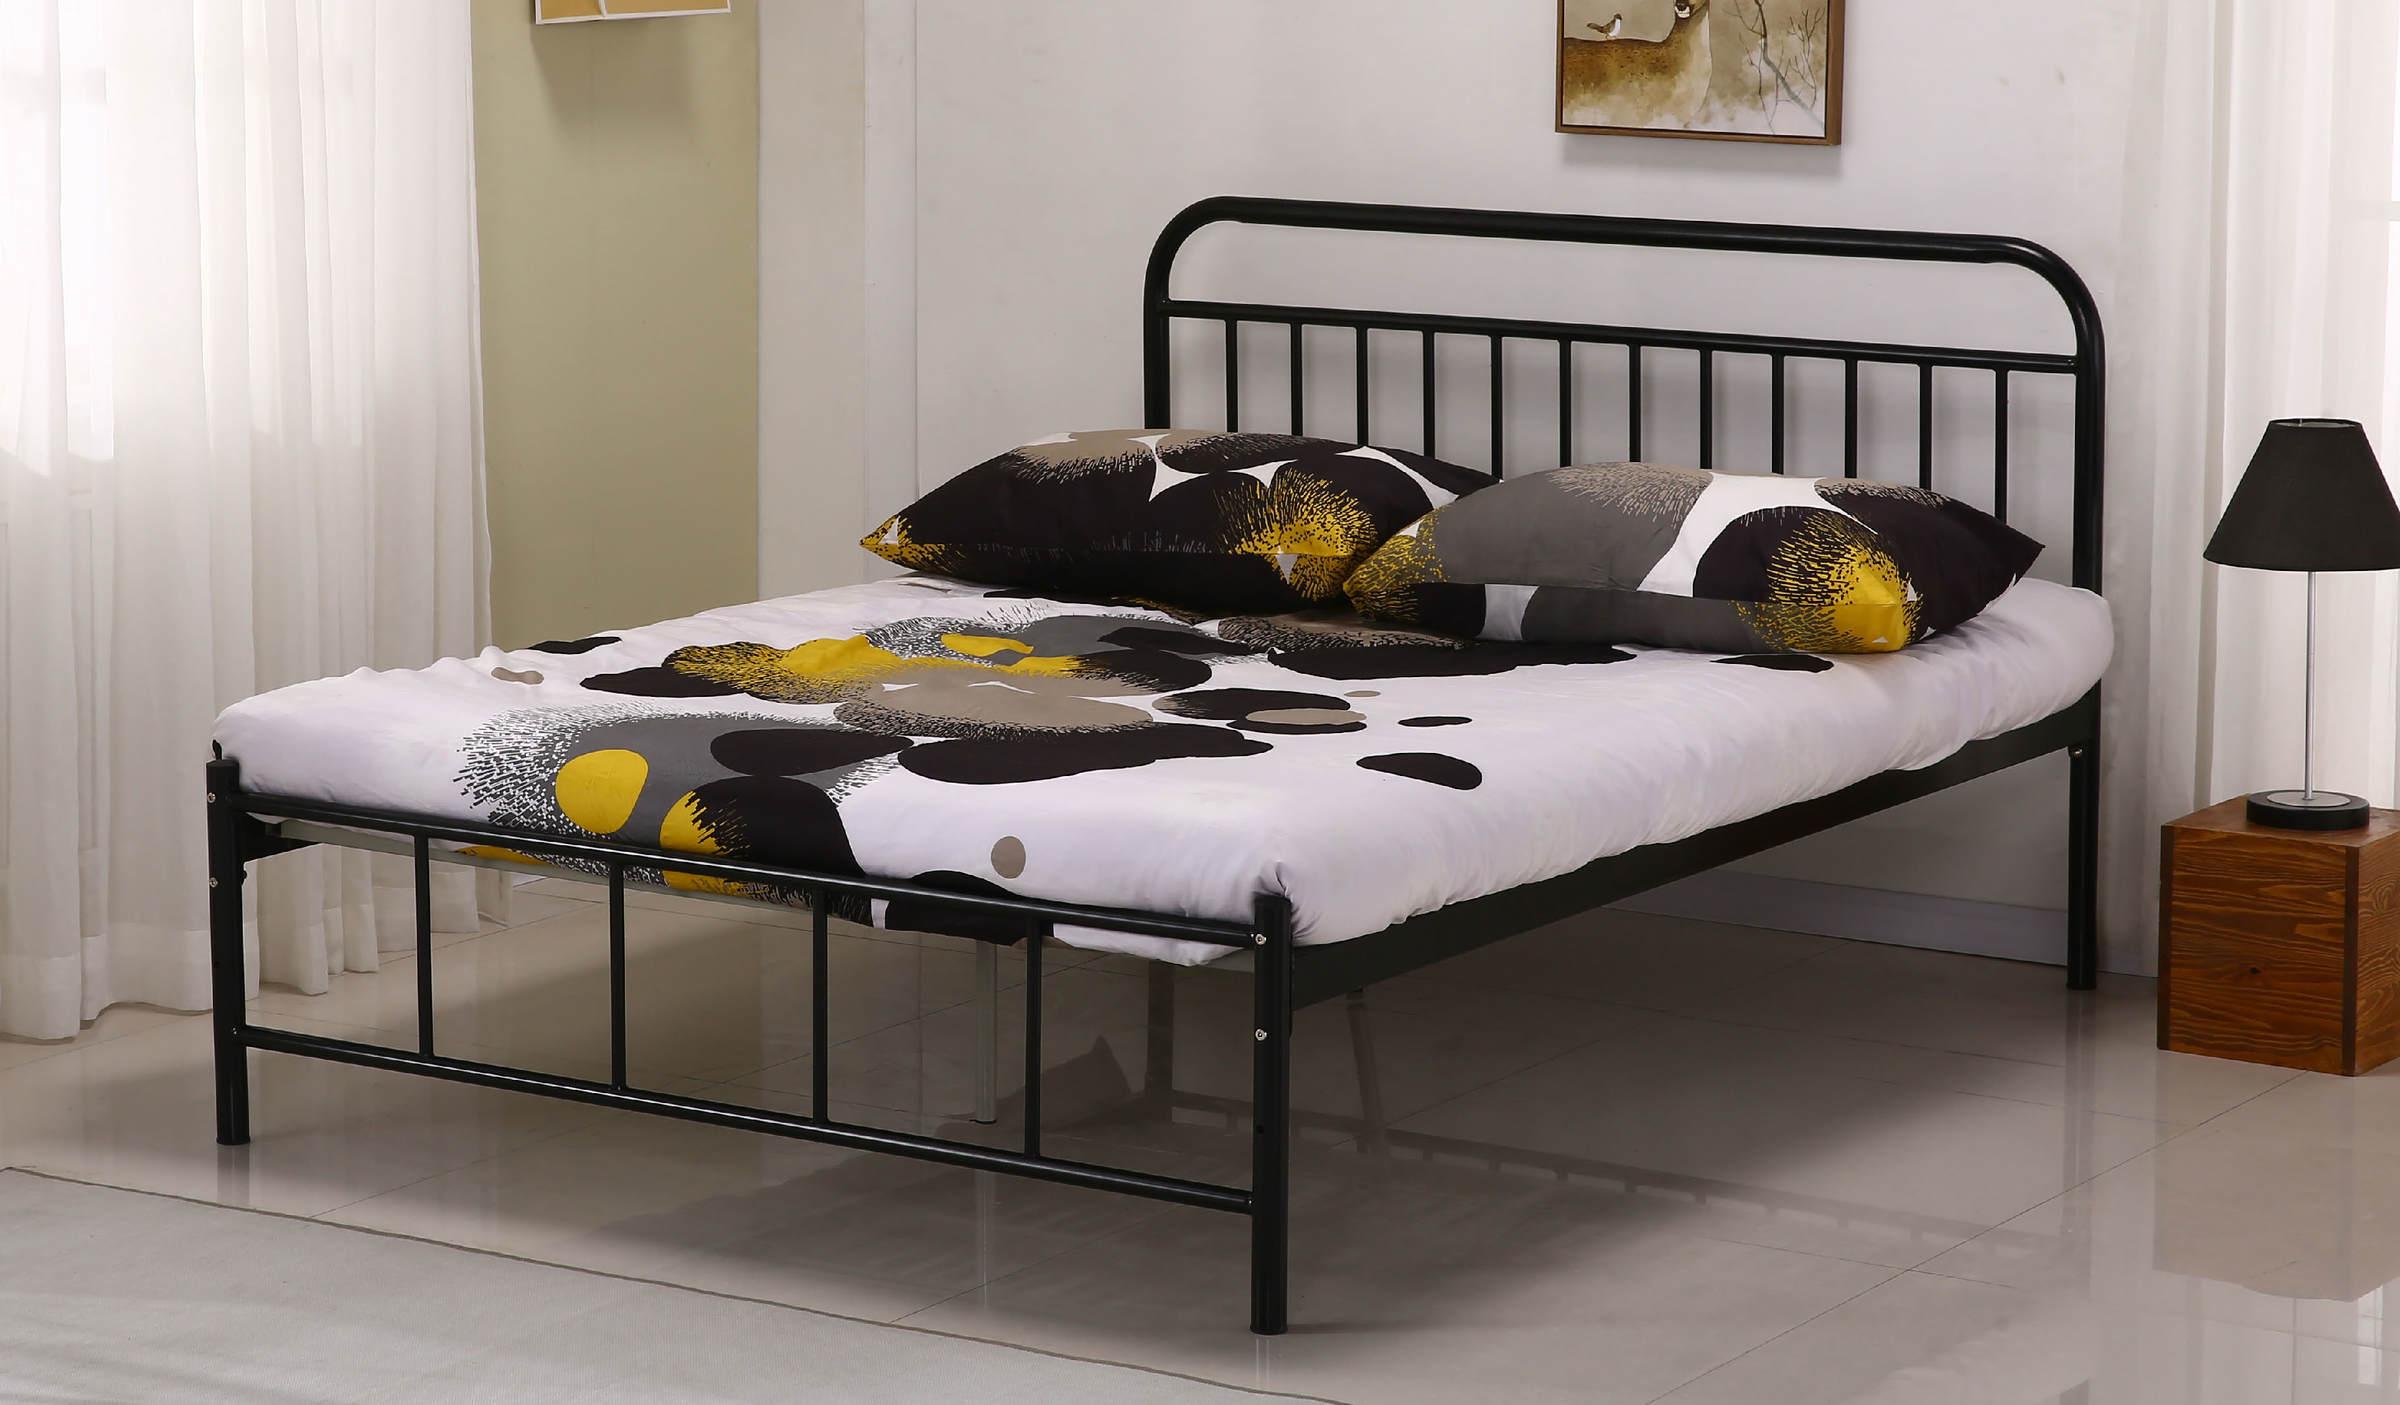 101-1丹尼5尺黑色雙人鐵床.jpg